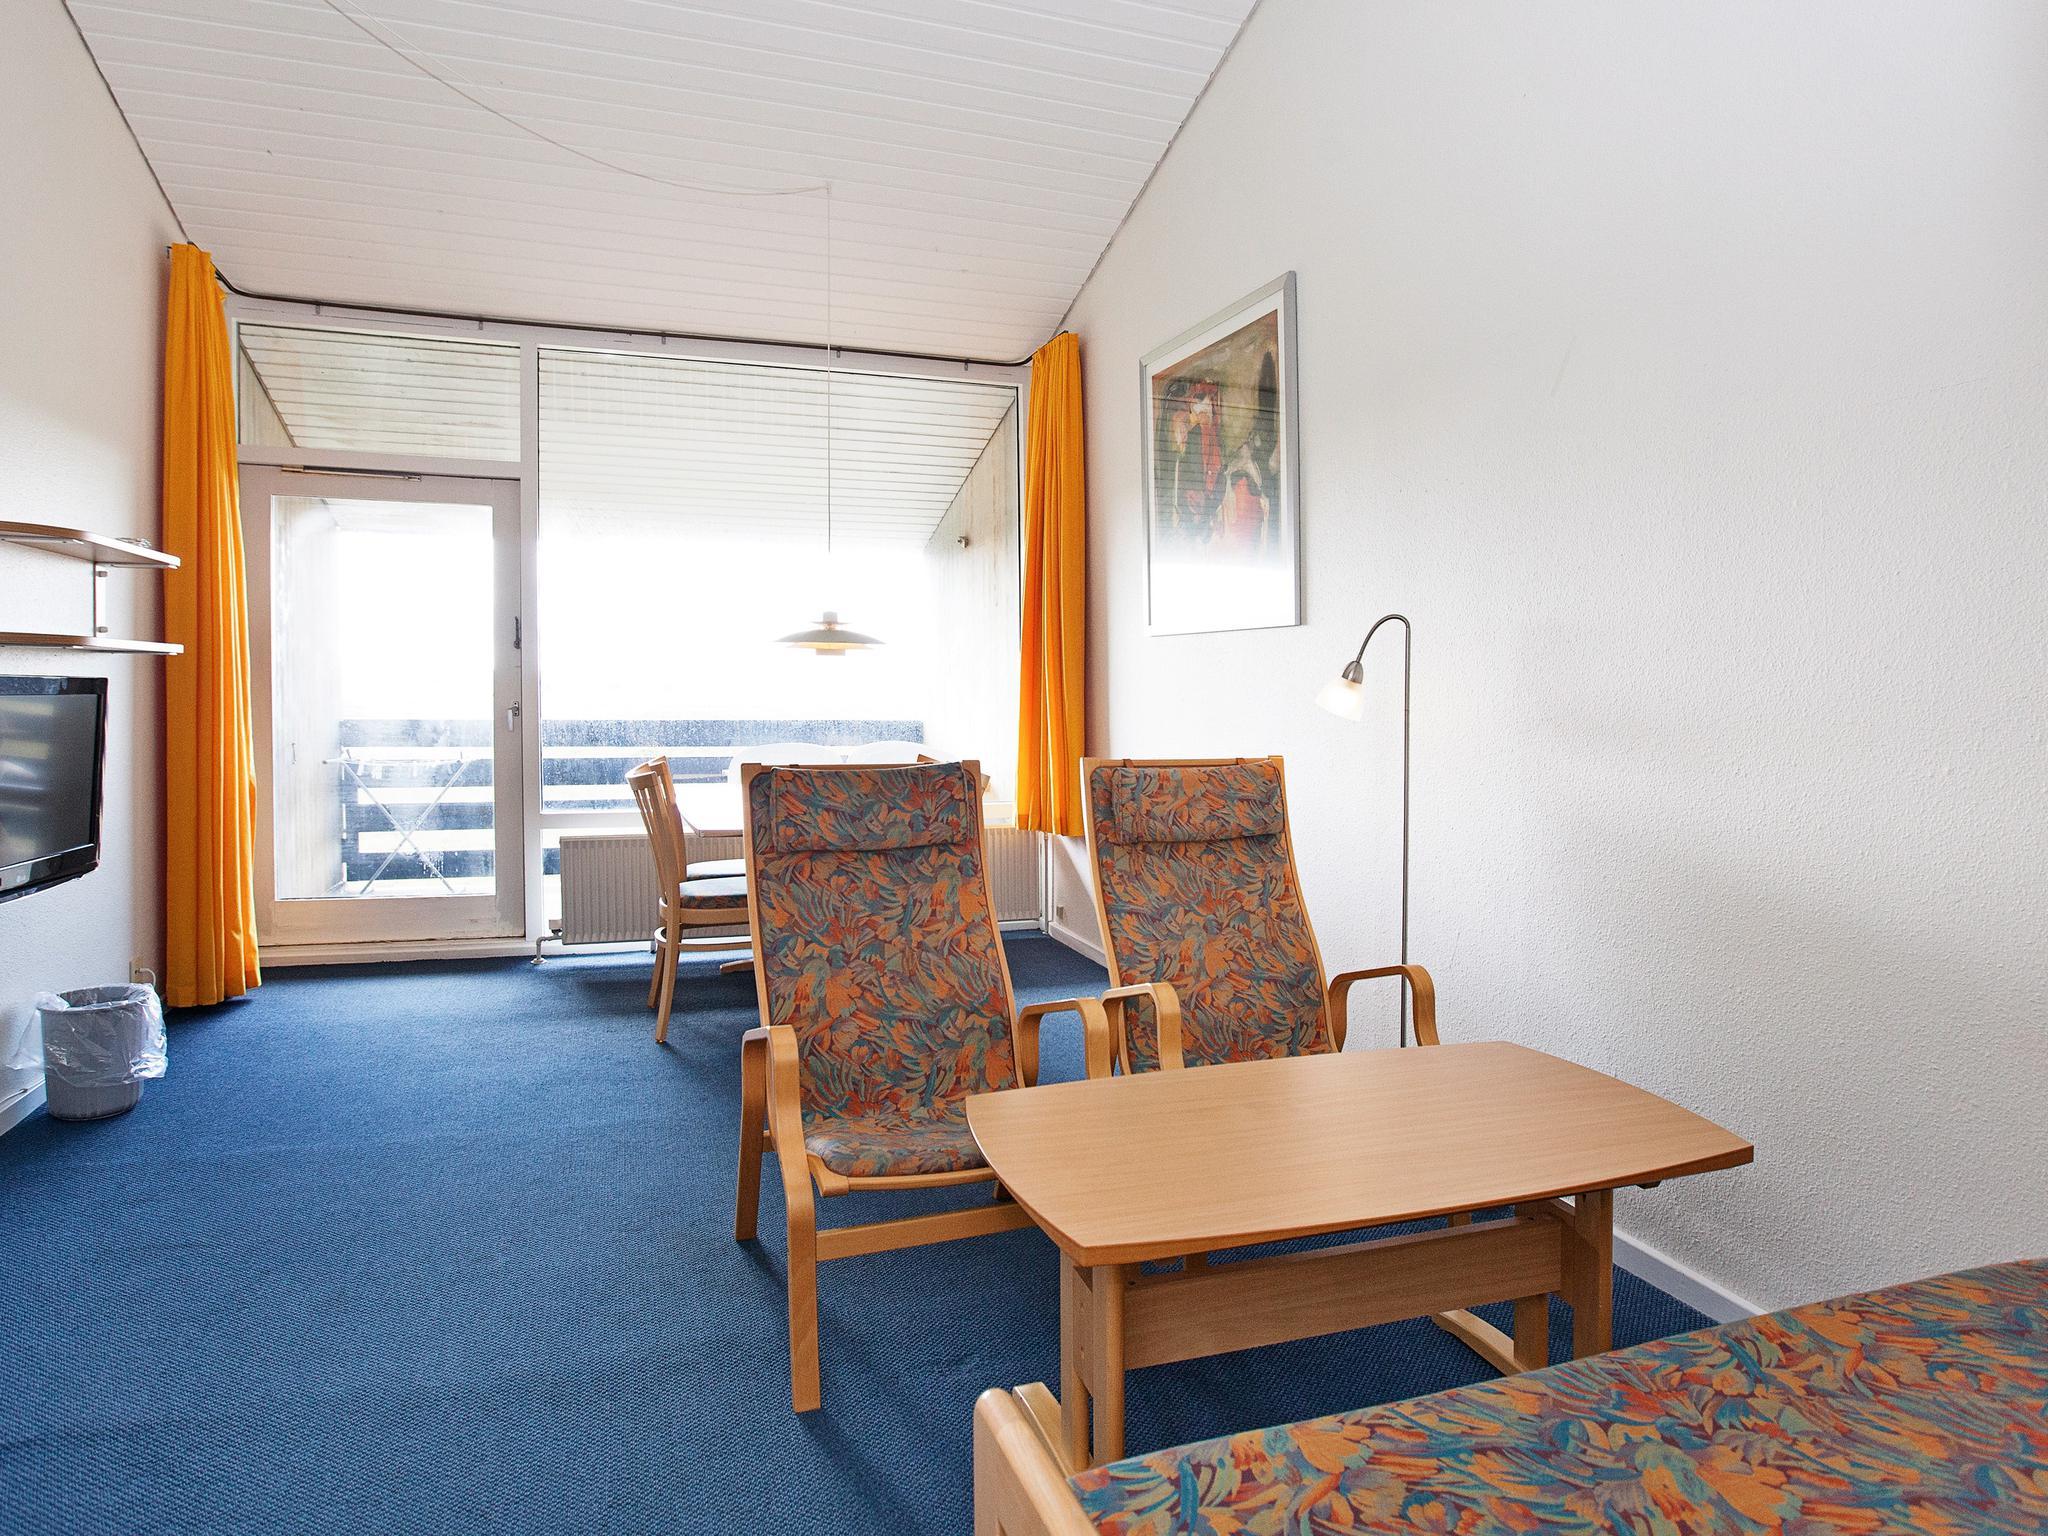 Ferienwohnung Hirtshals - Typ 1 - 2 Zimmer m/Meerblick (382686), Hirtshals, , Nordwestjütland, Dänemark, Bild 36